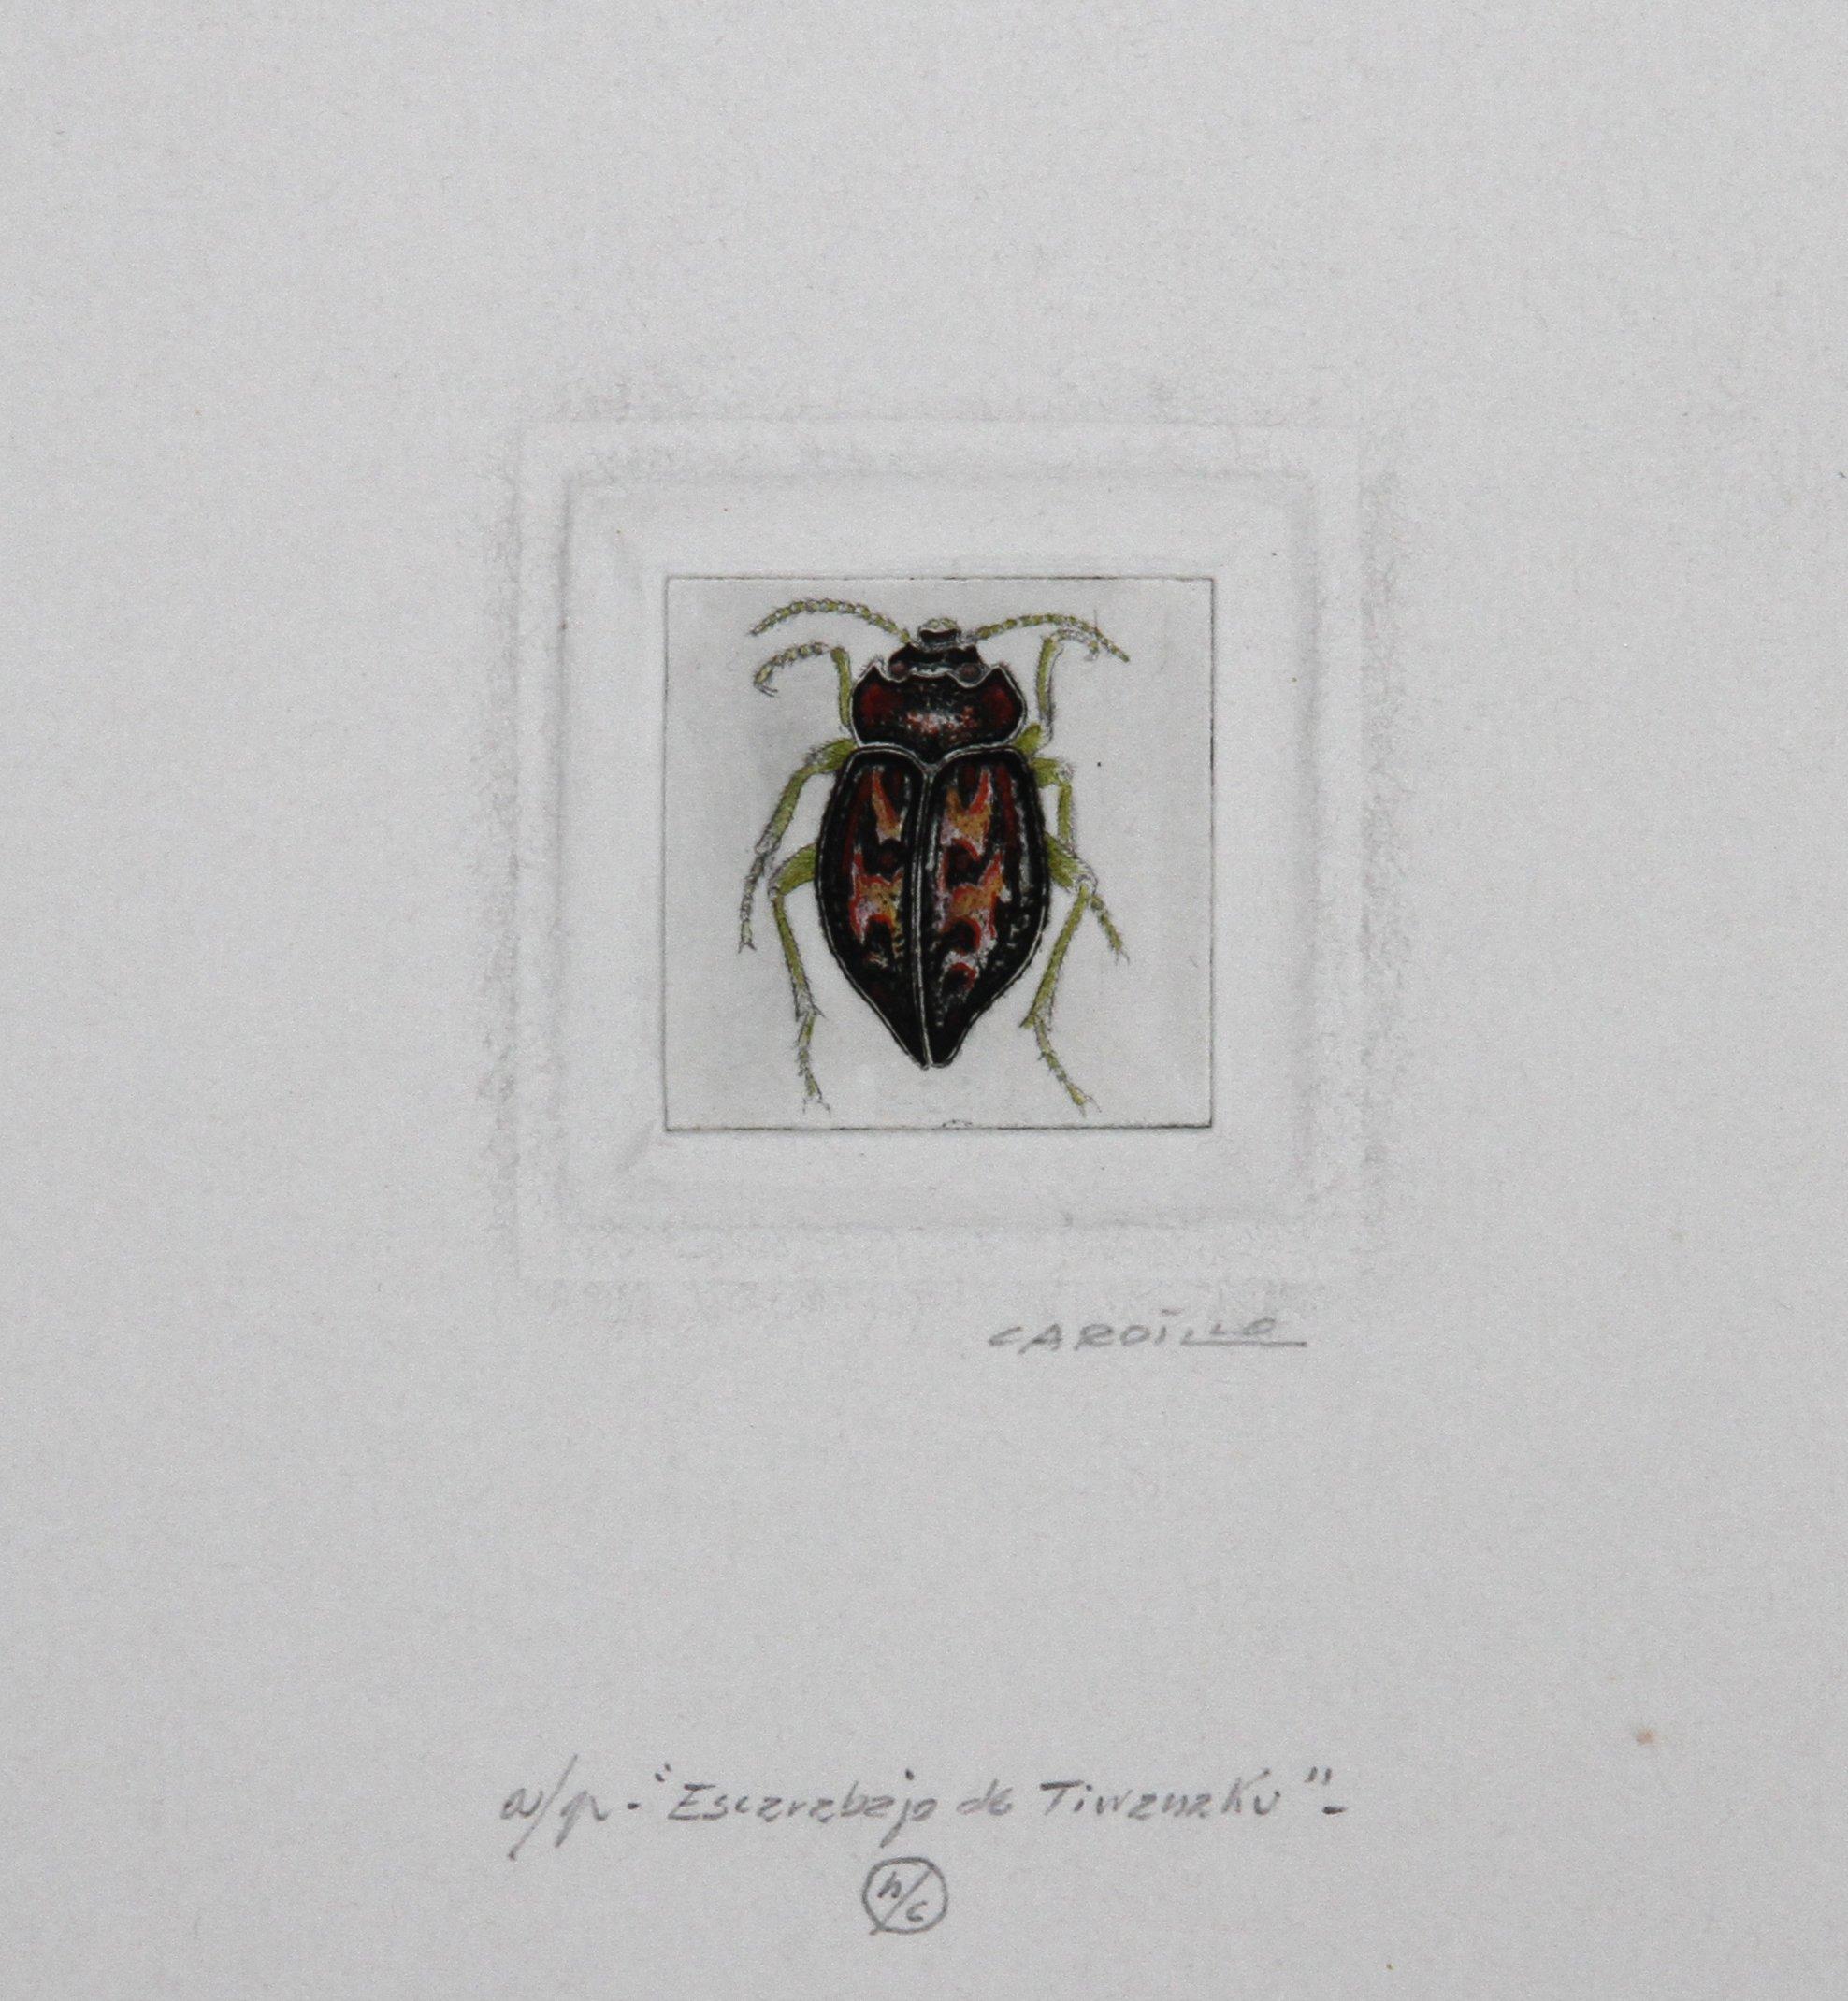 Escarabajo de Tiwanaku by